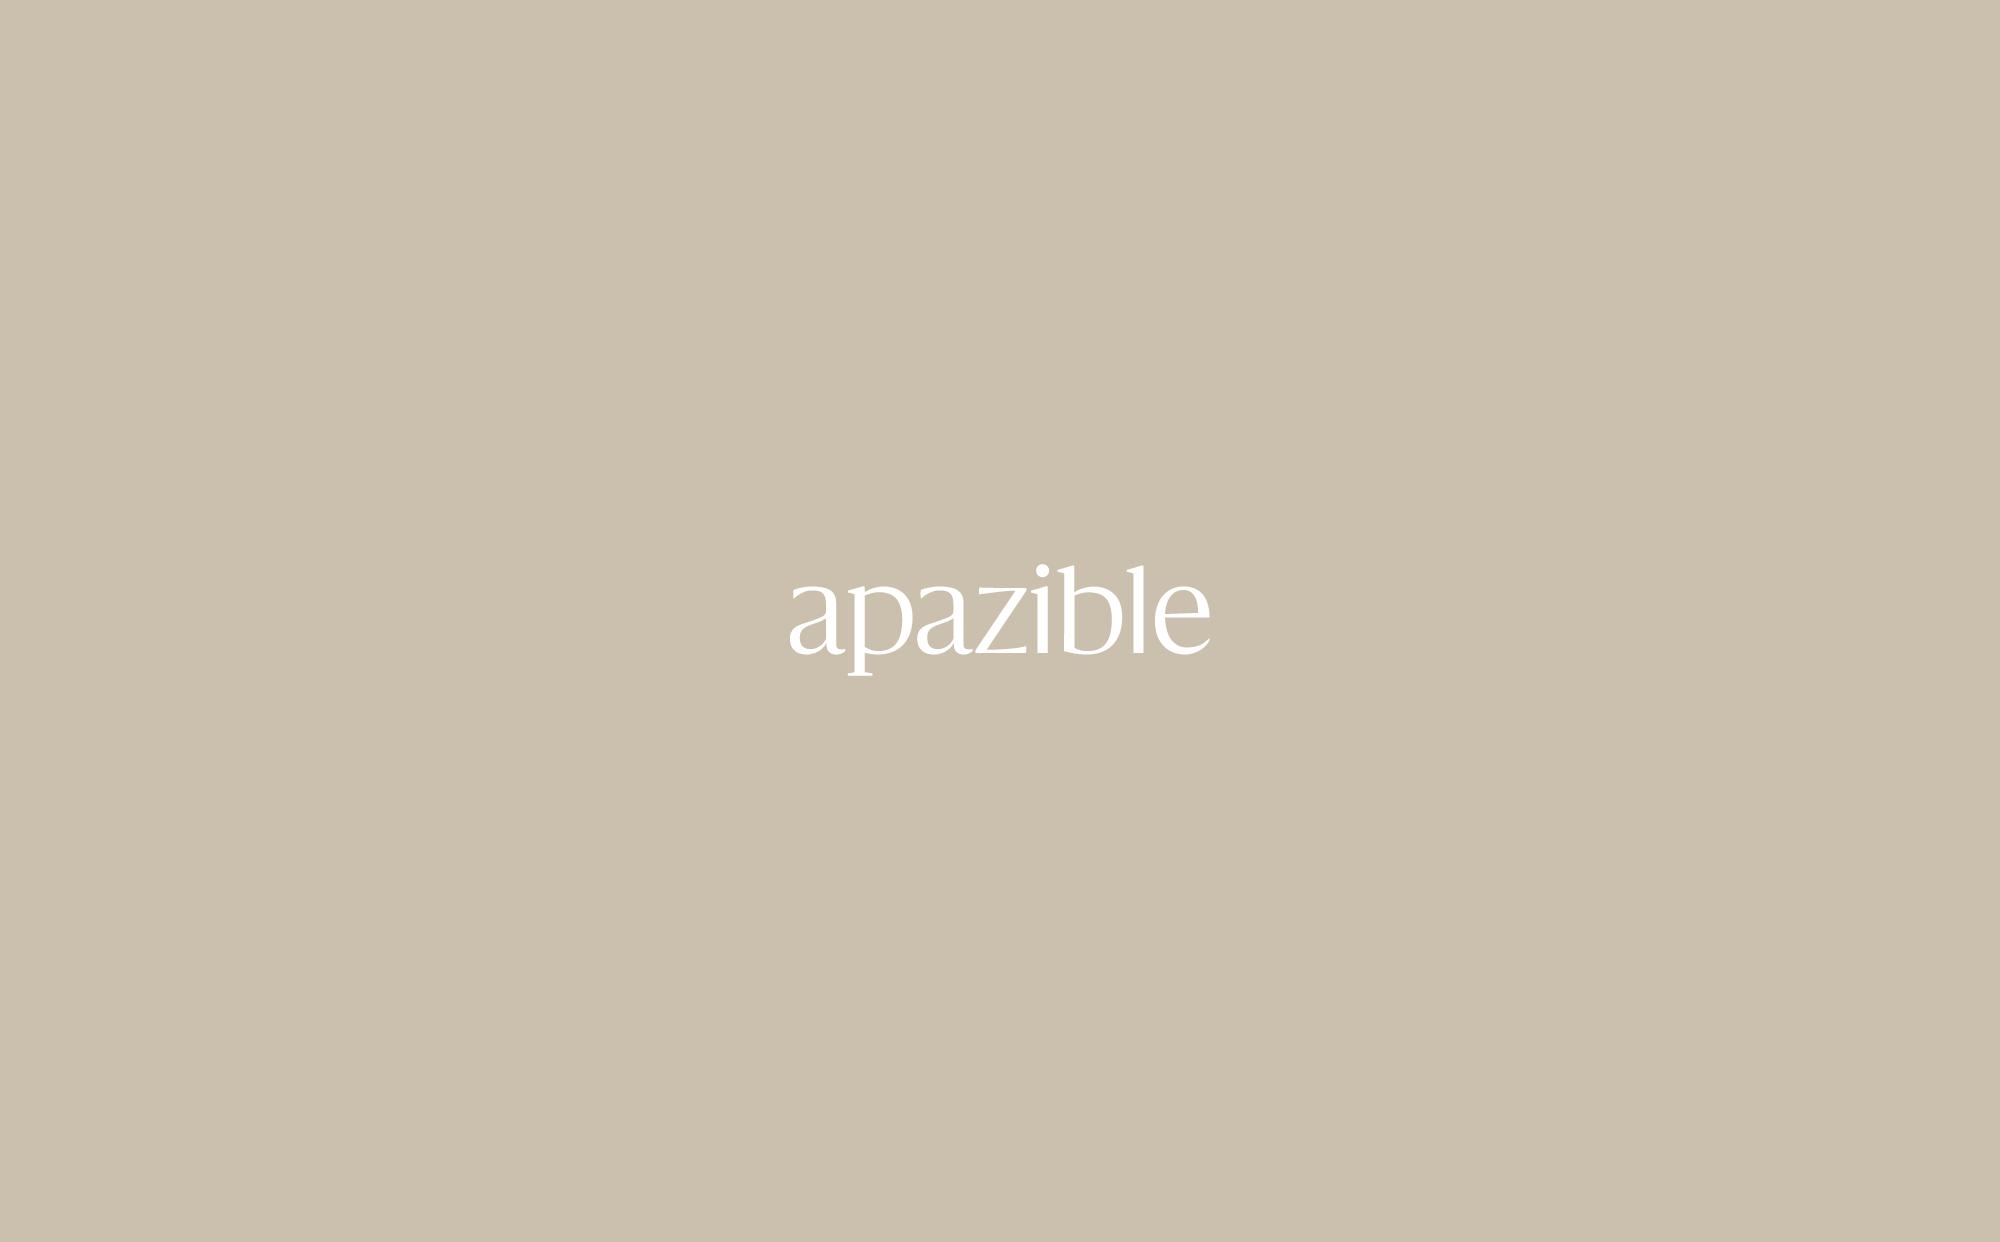 06-bio-apazible_01